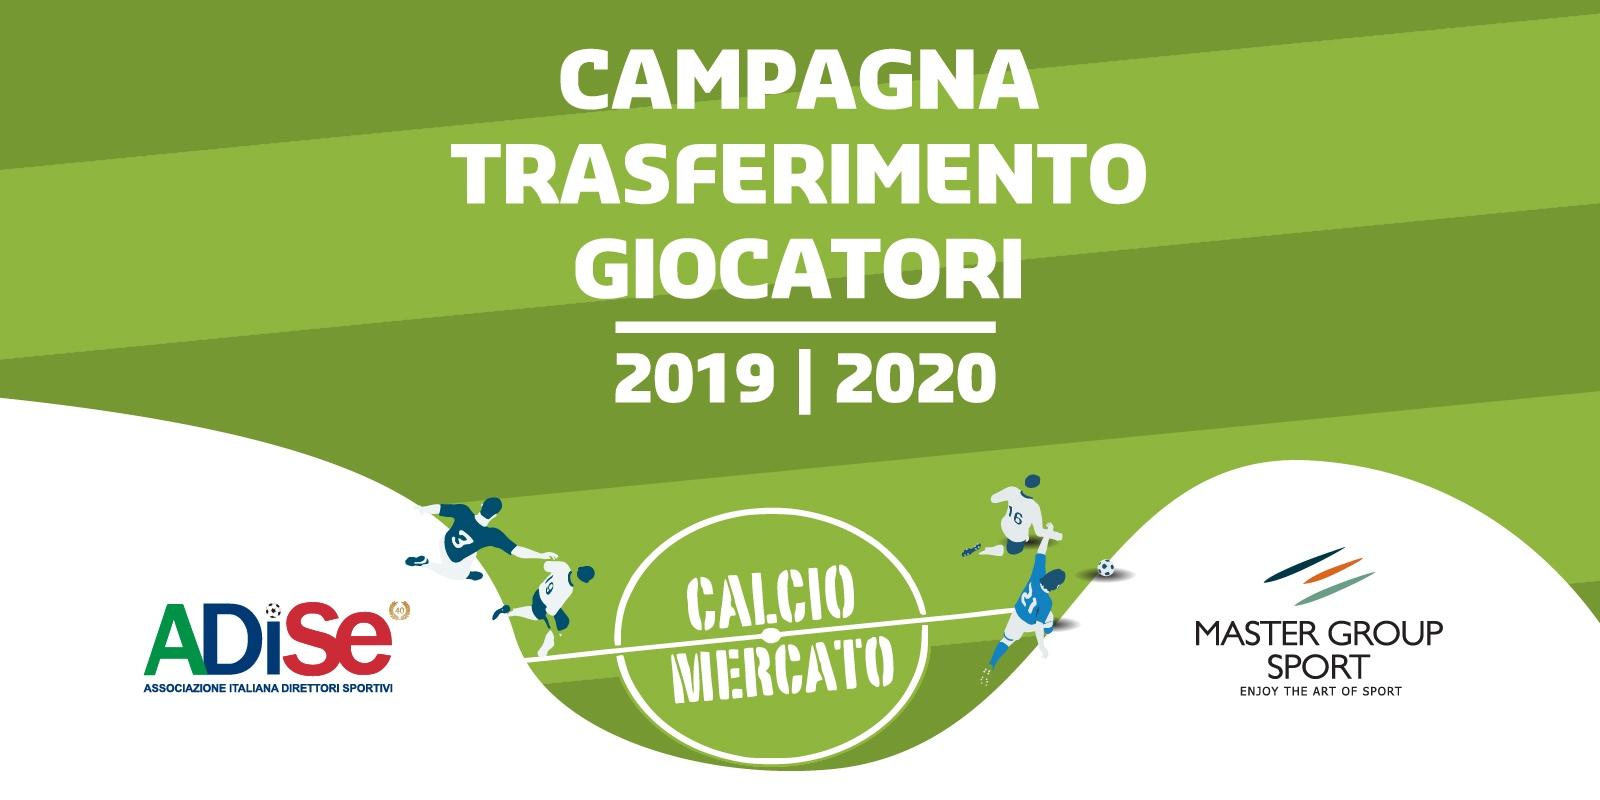 SESSIONE ESTIVA CALCIOMERCATO 2019-2020